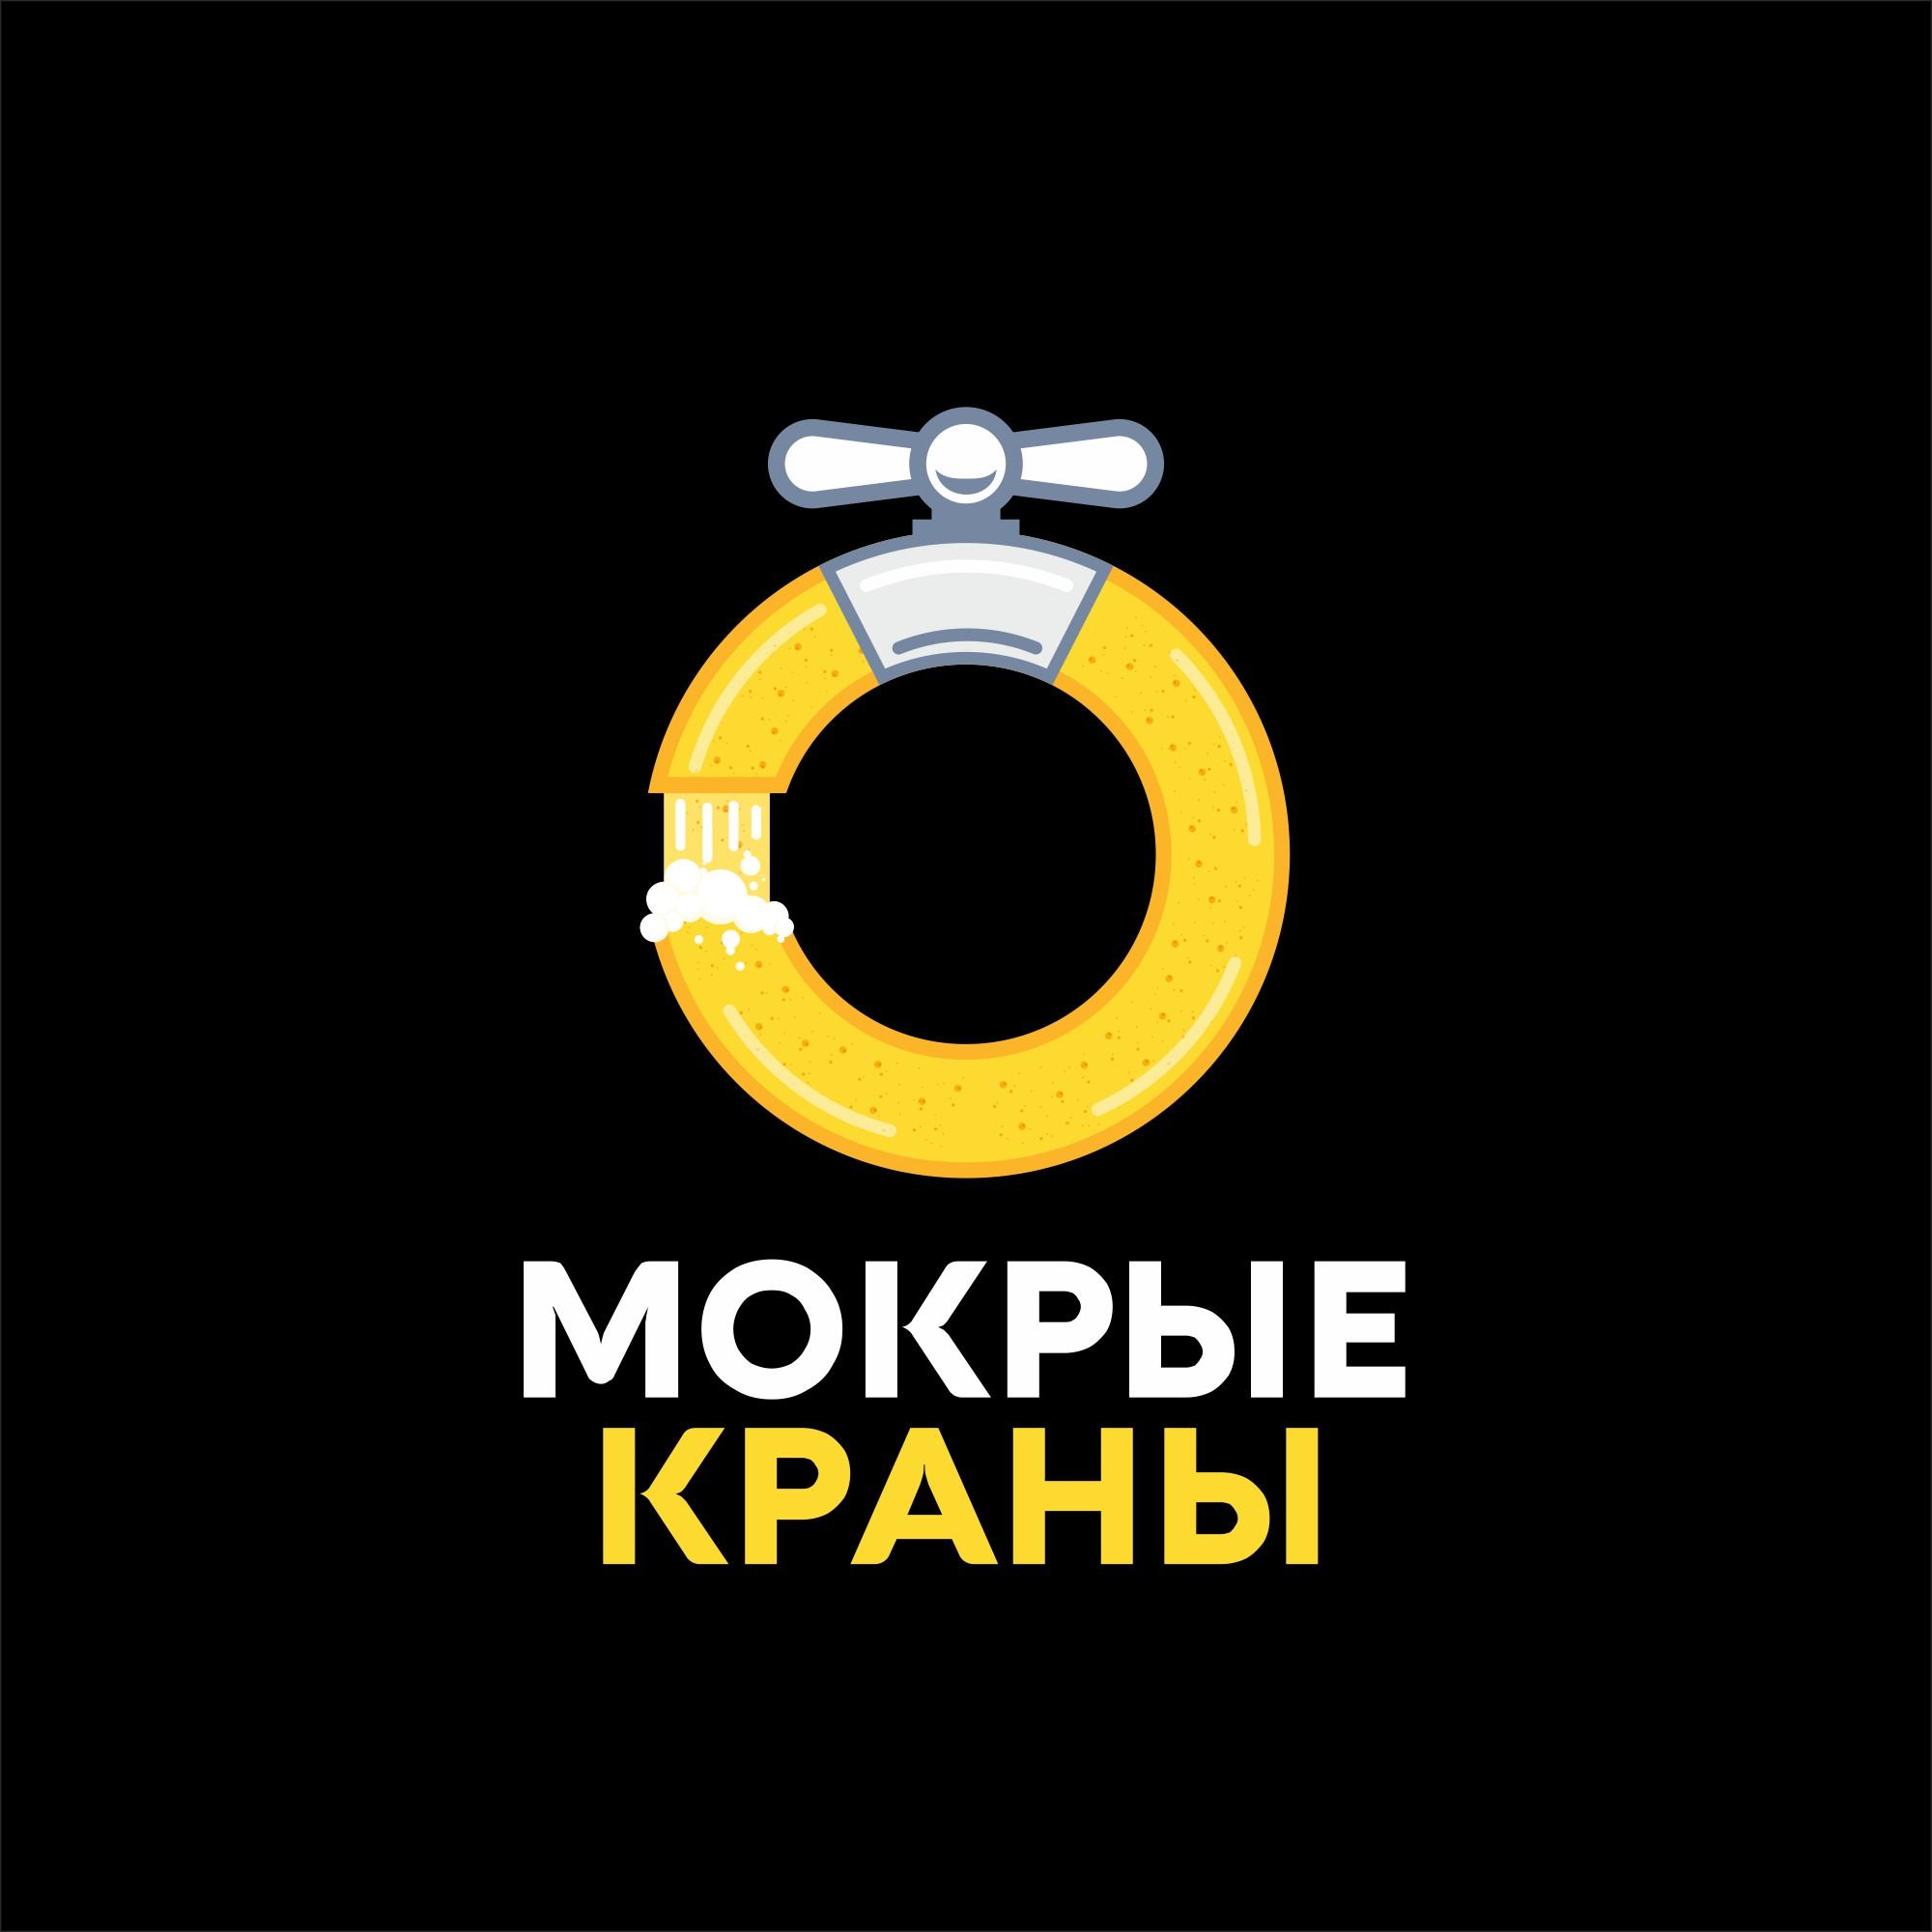 Вывеска/логотип для пивного магазина фото f_191602219304adde.jpg